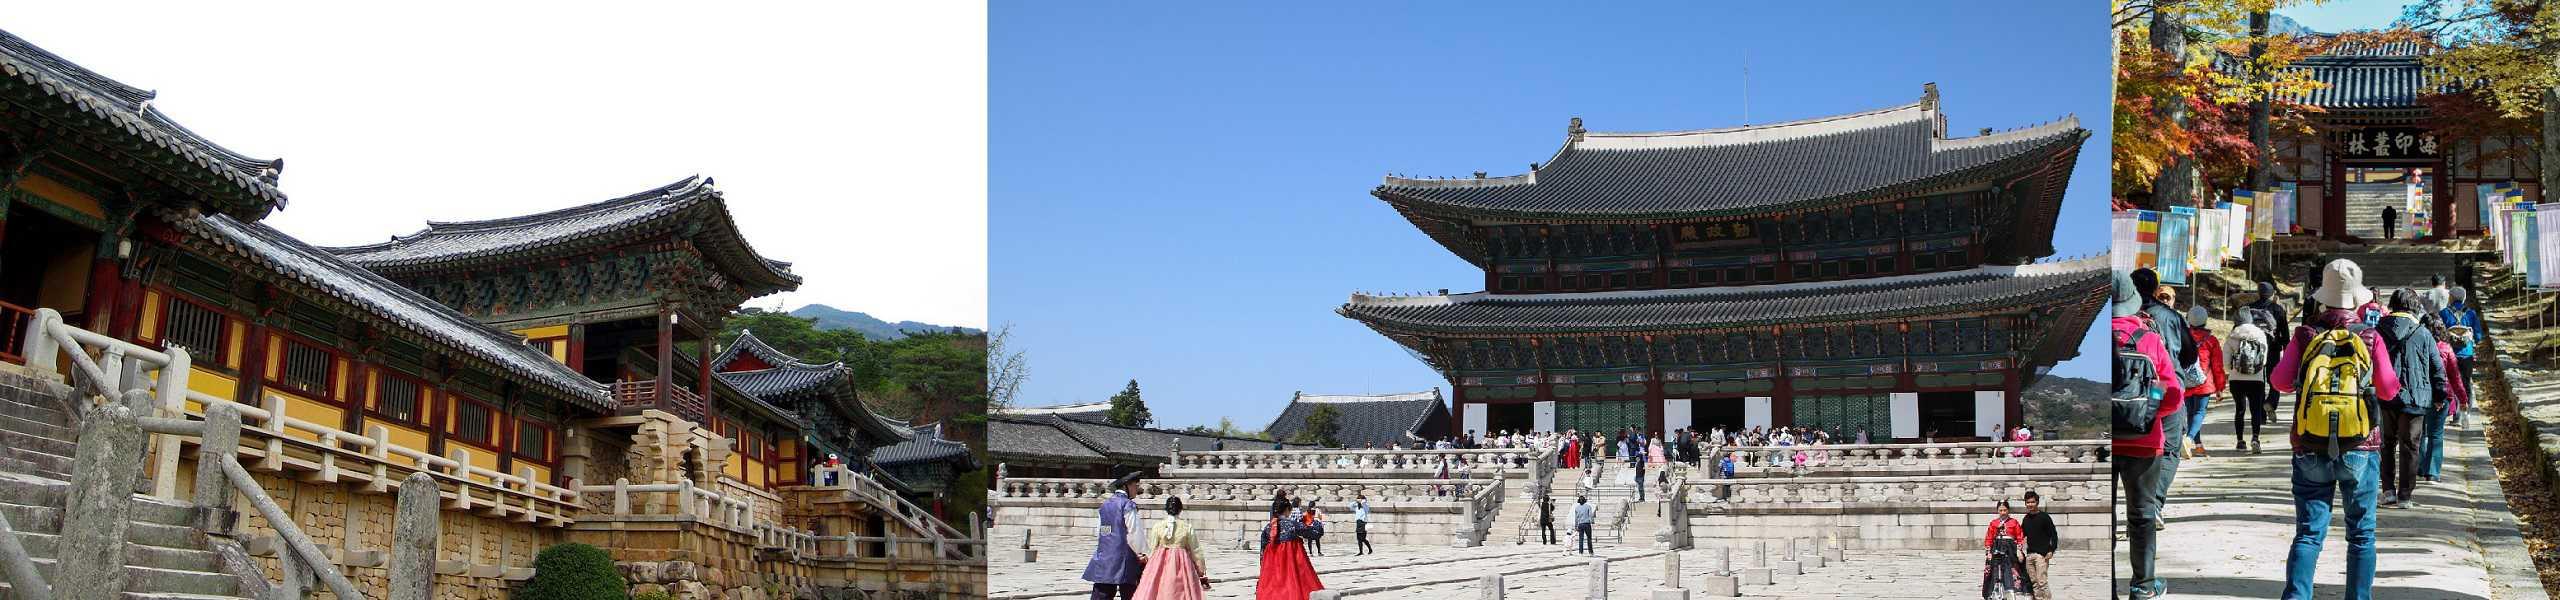 Di tích lịch sử ở Hàn Quốc